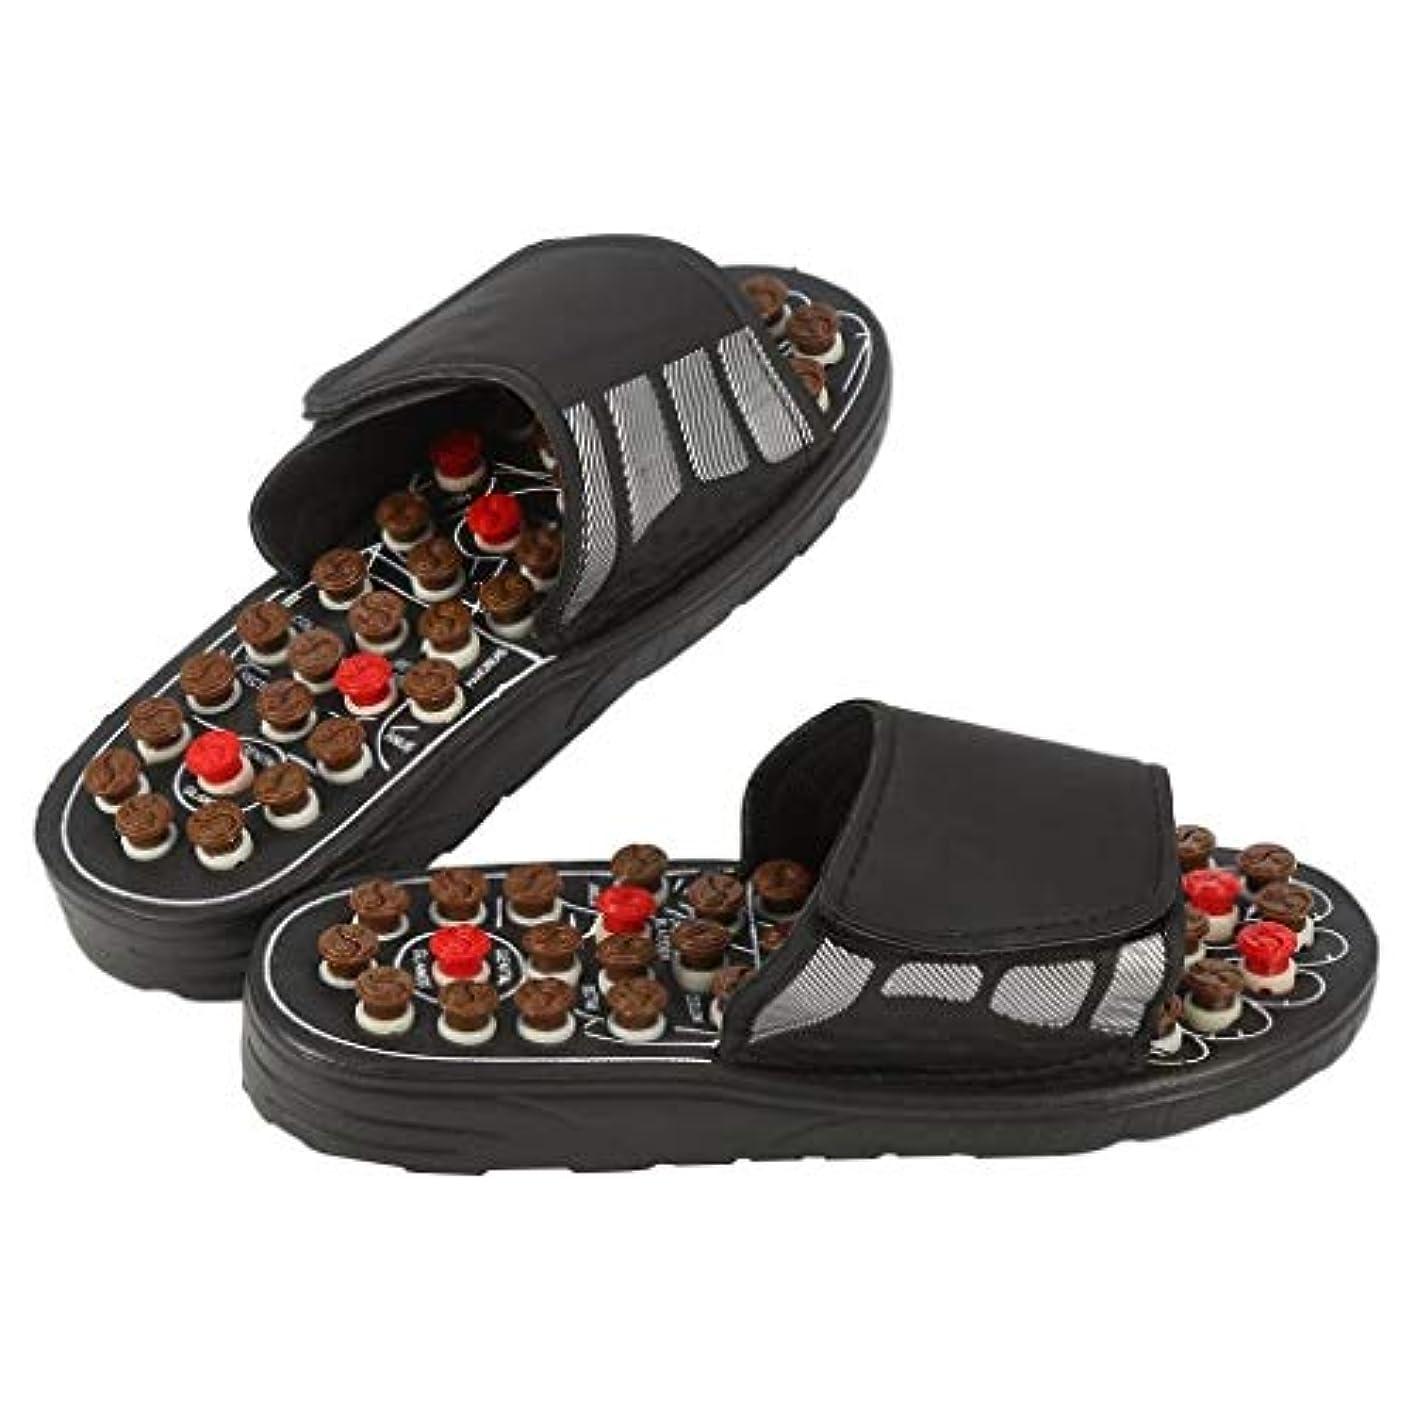 受け継ぐ憂慮すべき篭磁気マッサージインソール、指圧靴マッサージ効果インソール健康足医療援助足リフレクソロジーは、血液循環疲労を促進します (Color : 黒, Size : 40-41)